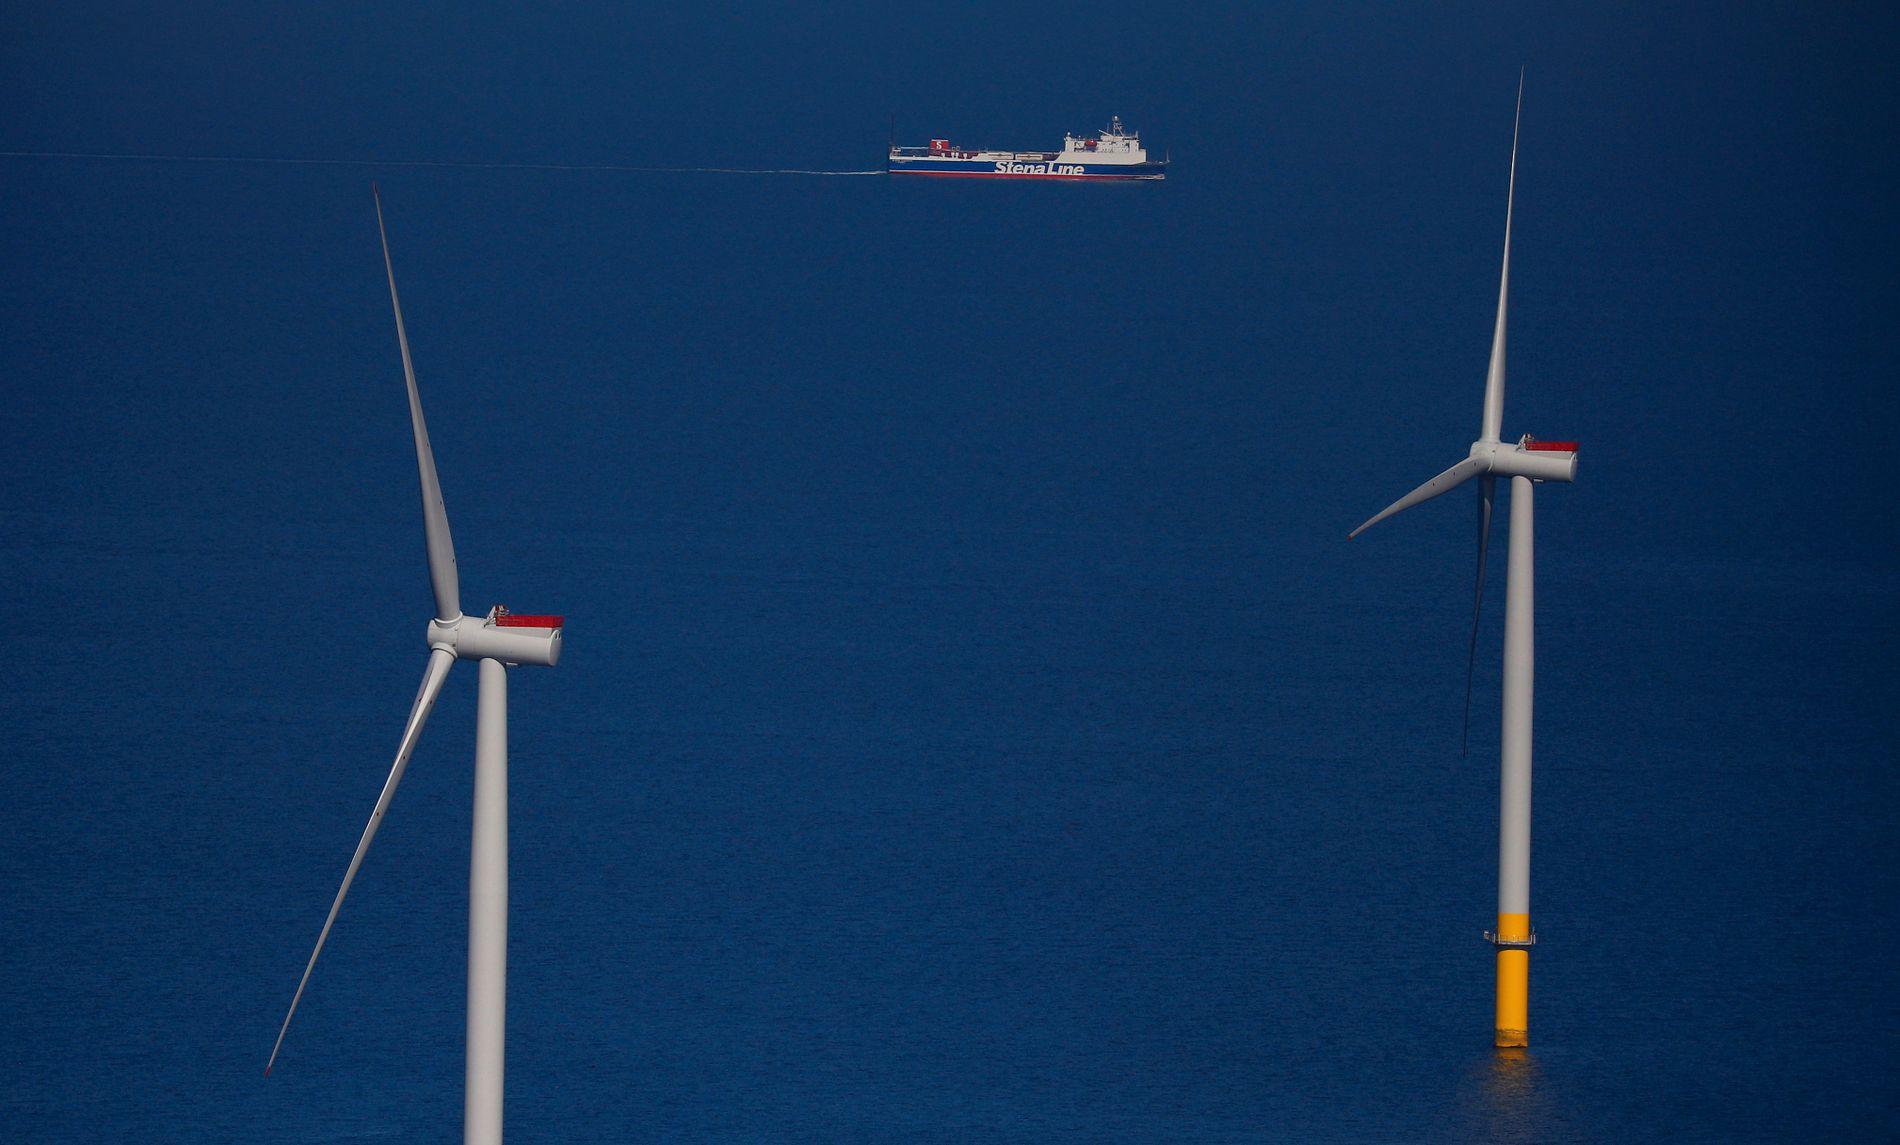 INGEN STØTTEORDNINGER: Vi ønsker å legge til rette for videre utbygging av lønnsom fornybar energi, men det er ikke aktuelt med nye støtteordninger, skriver olje- og energiminister Kjell-Børge Freiberg (FrP).